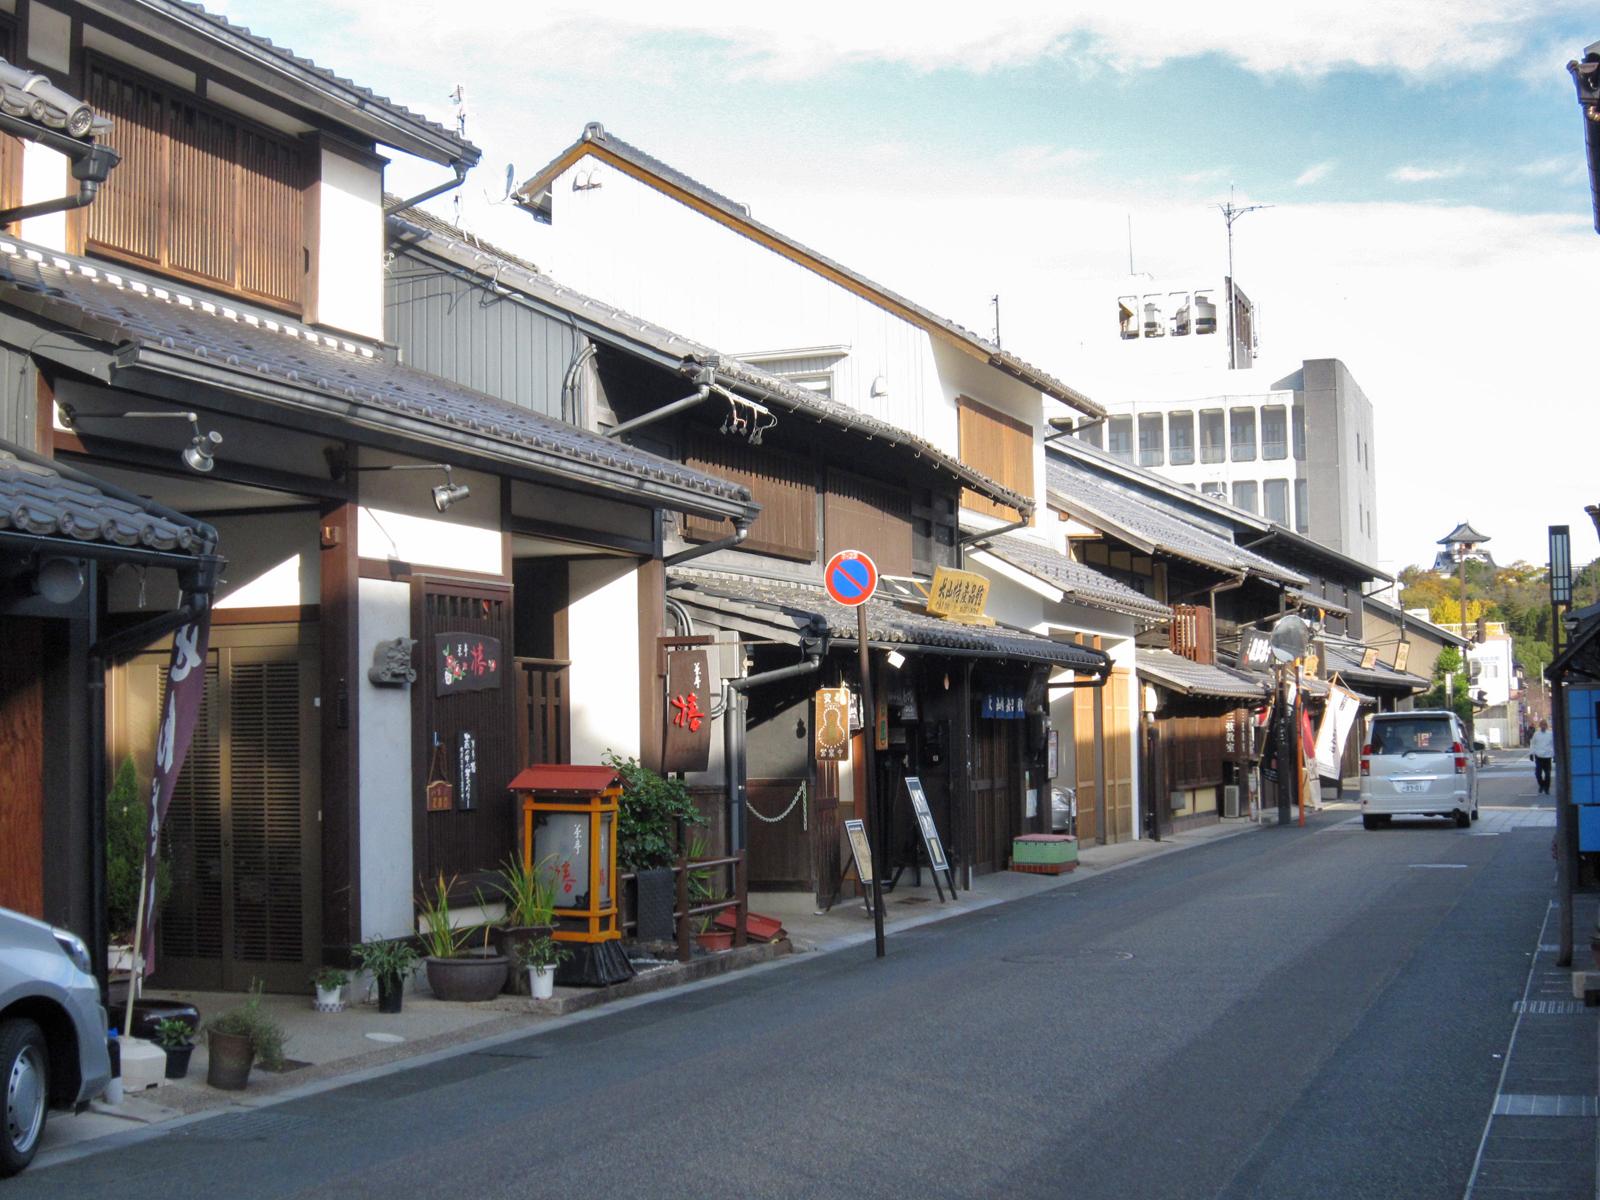 【第260話】愛知県犬山市